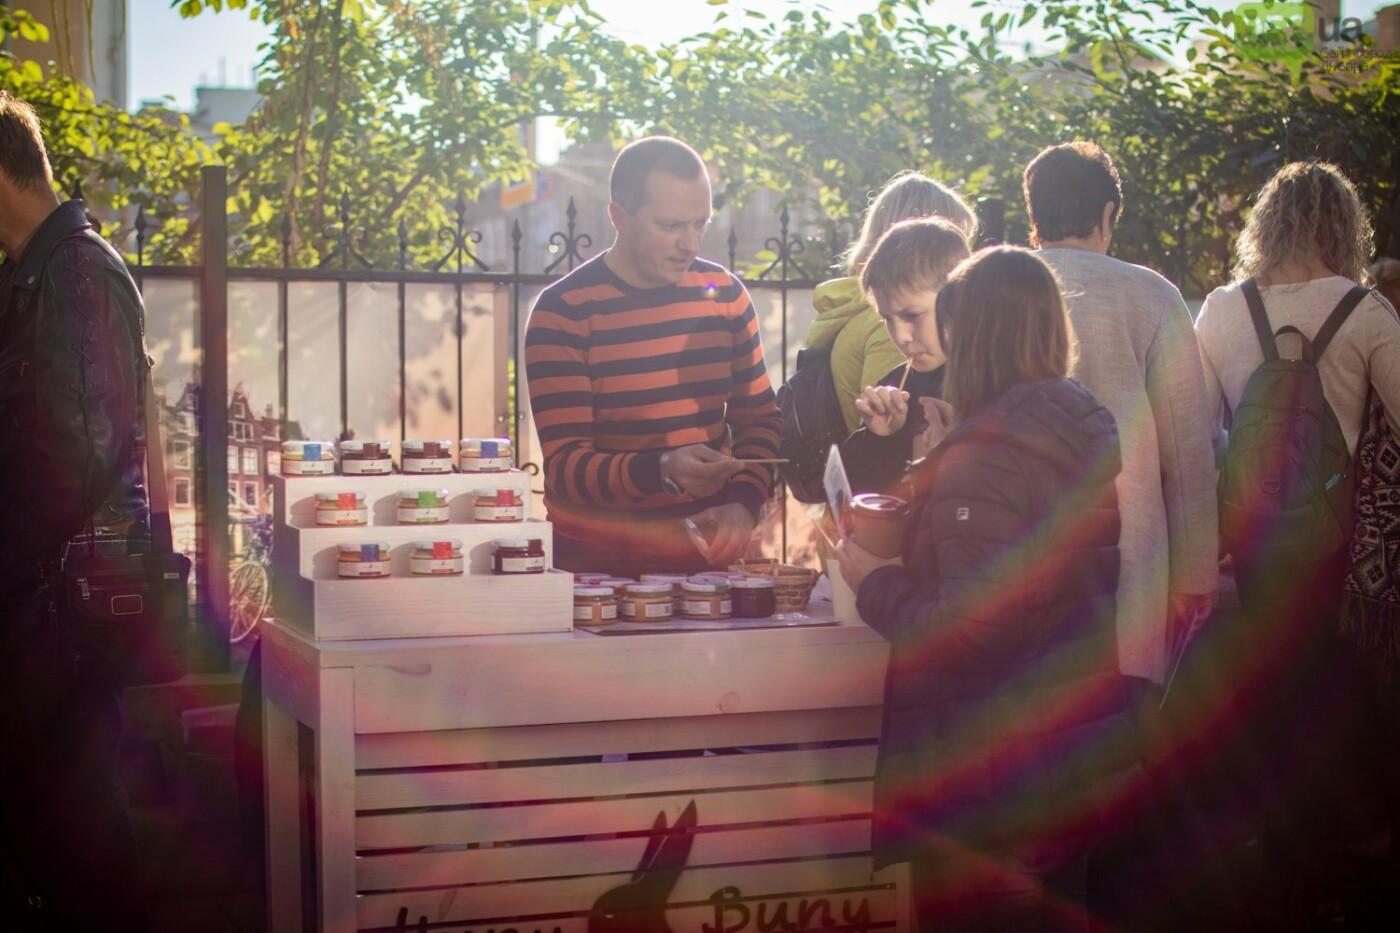 Кофейные ароматы, шоколад и солнце: как в Днепре прошел фестиваль «Осень с привкусом кофе», - ФОТОРЕПОРТАЖ, фото-2